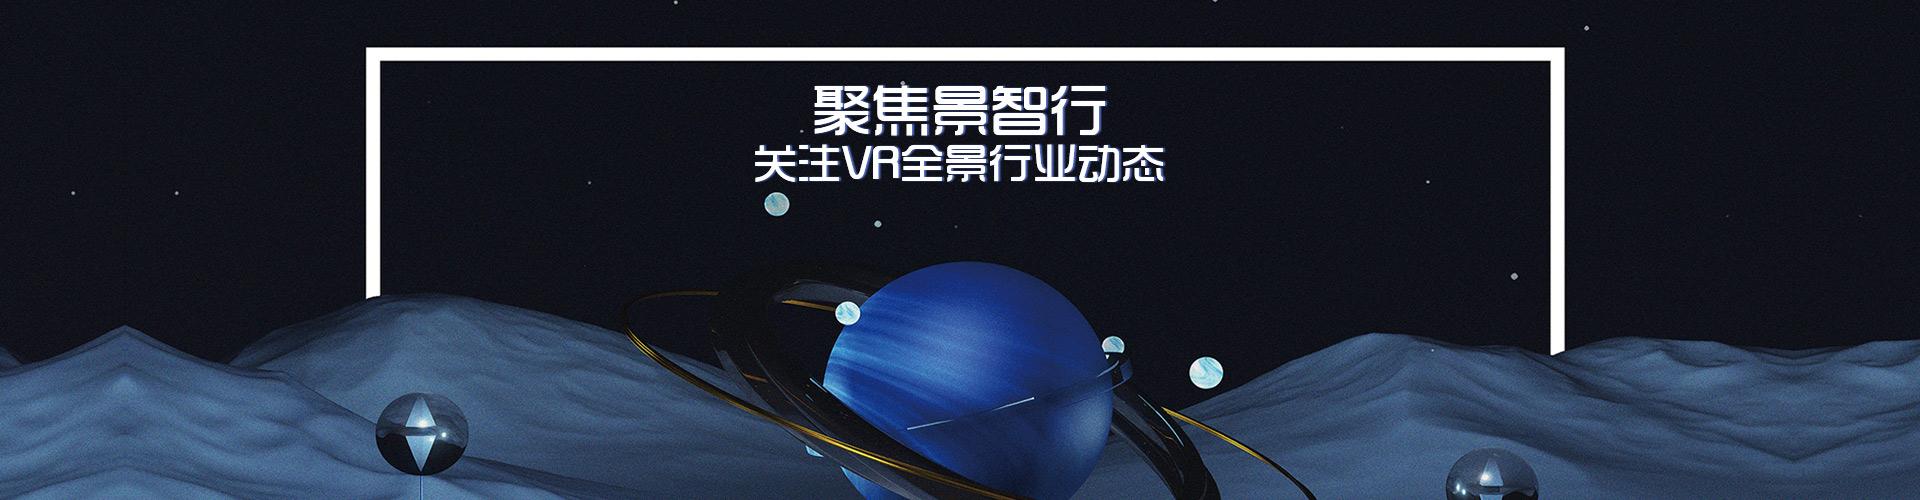 聚焦景智行,了解VR全景行业新风向